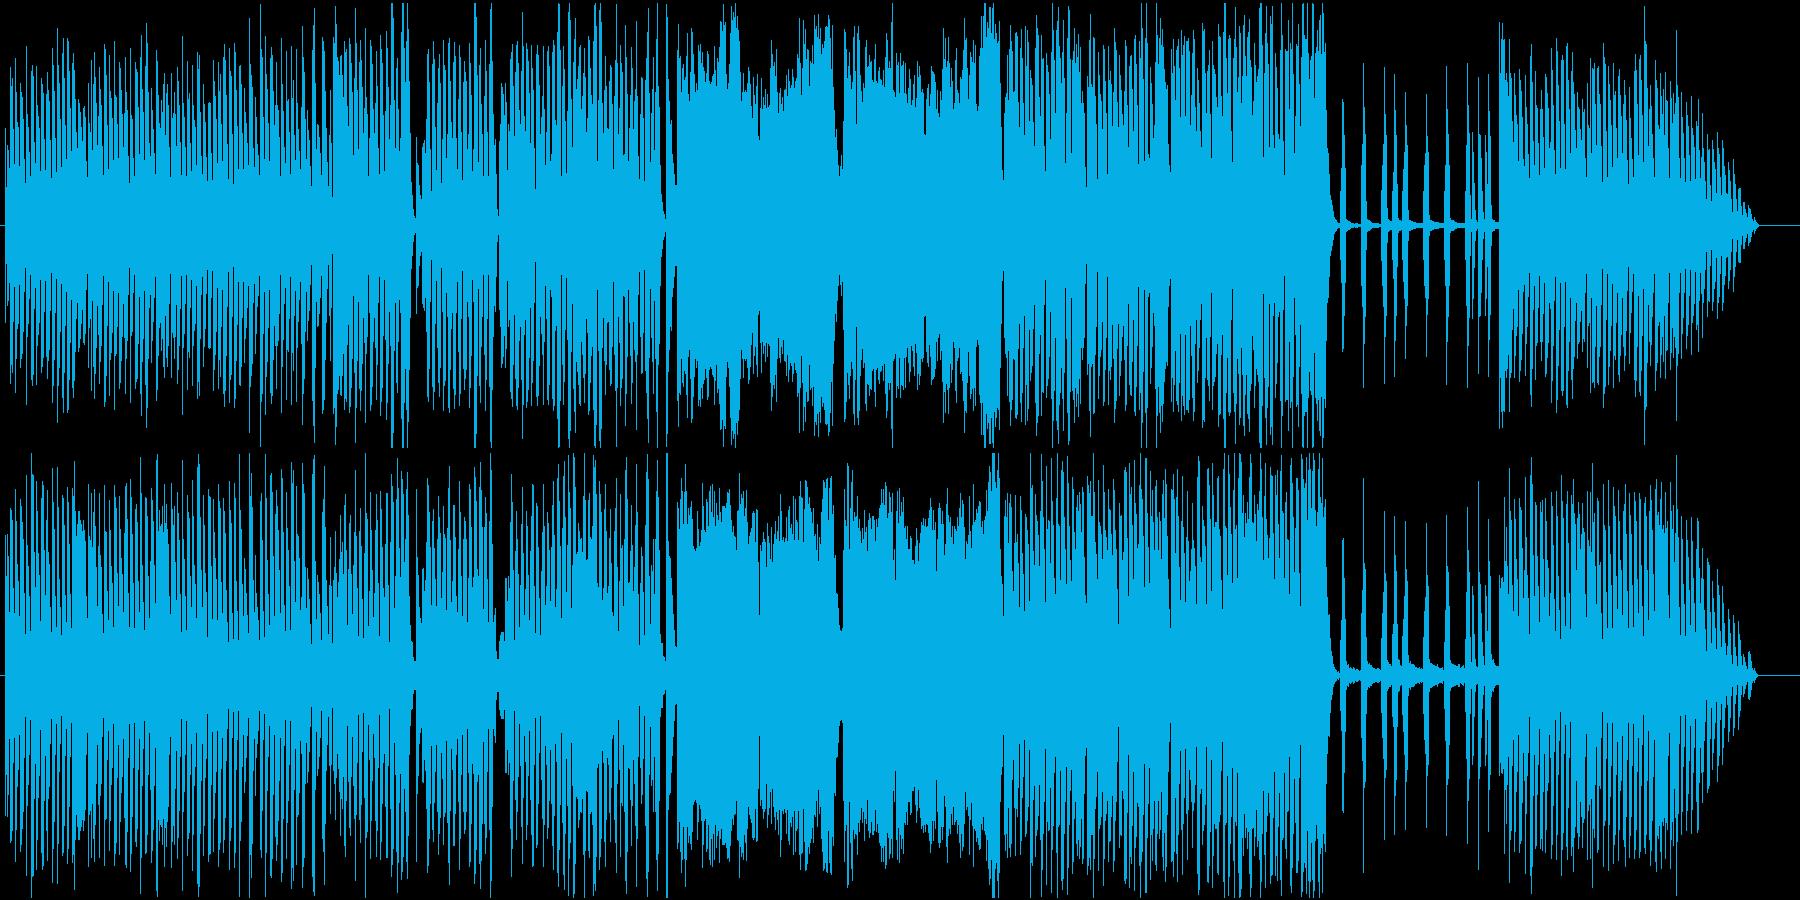 小動物が軽快に走っているイメージの曲の再生済みの波形